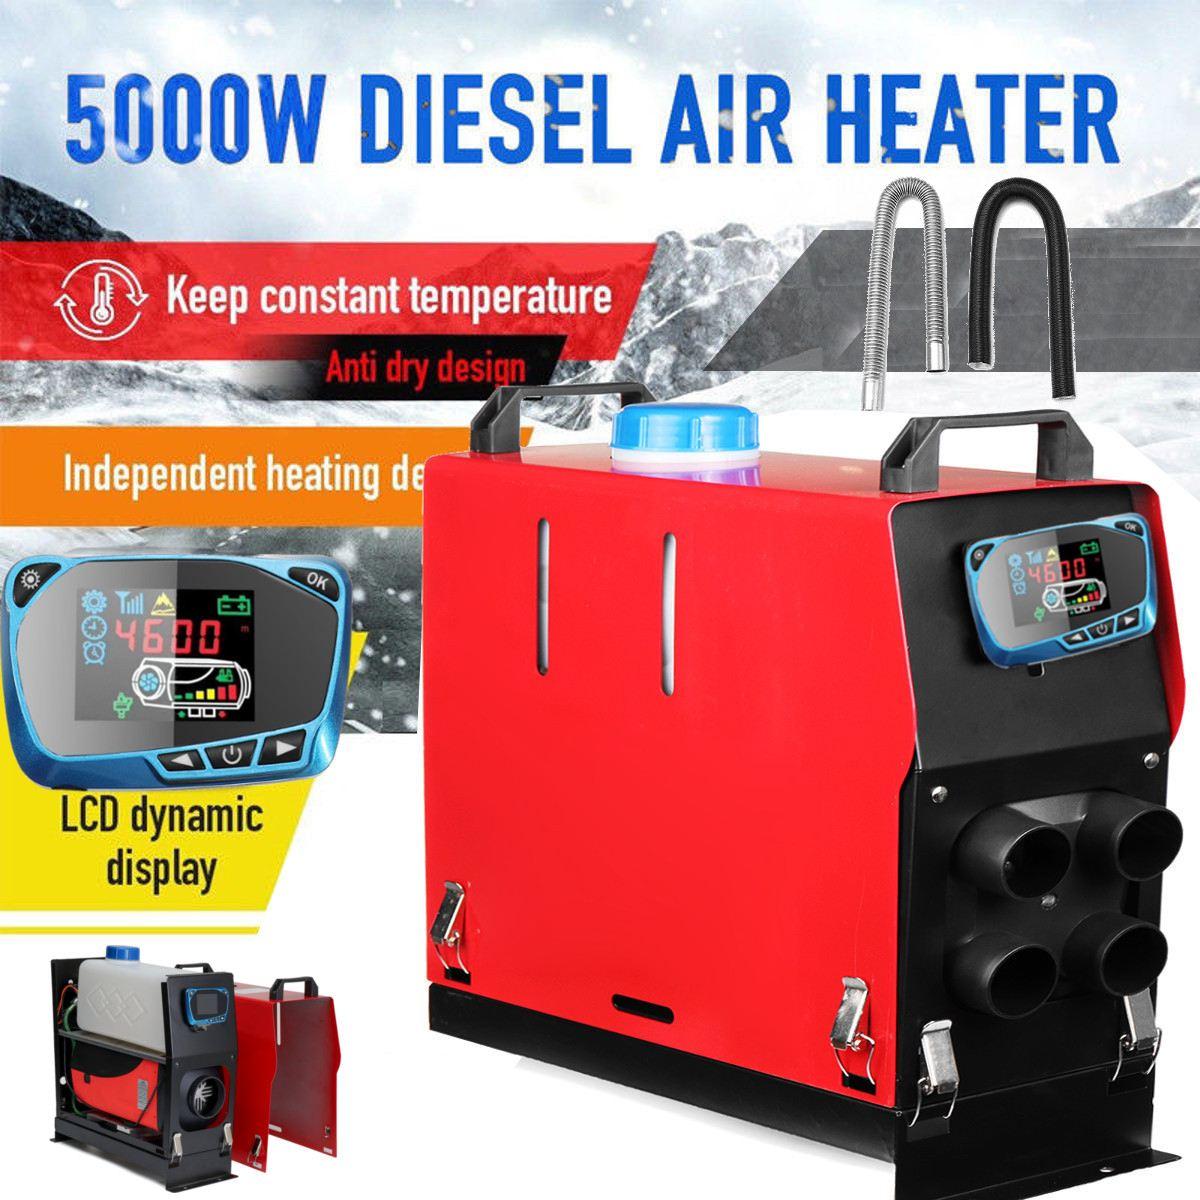 Tout En Un 5000 W Air diesels Chauffe-5KW 12 V Chauffage De la Voiture Pour Camions Moteur-Maisons Bateaux Bus + date LCD Interrupteur à clé